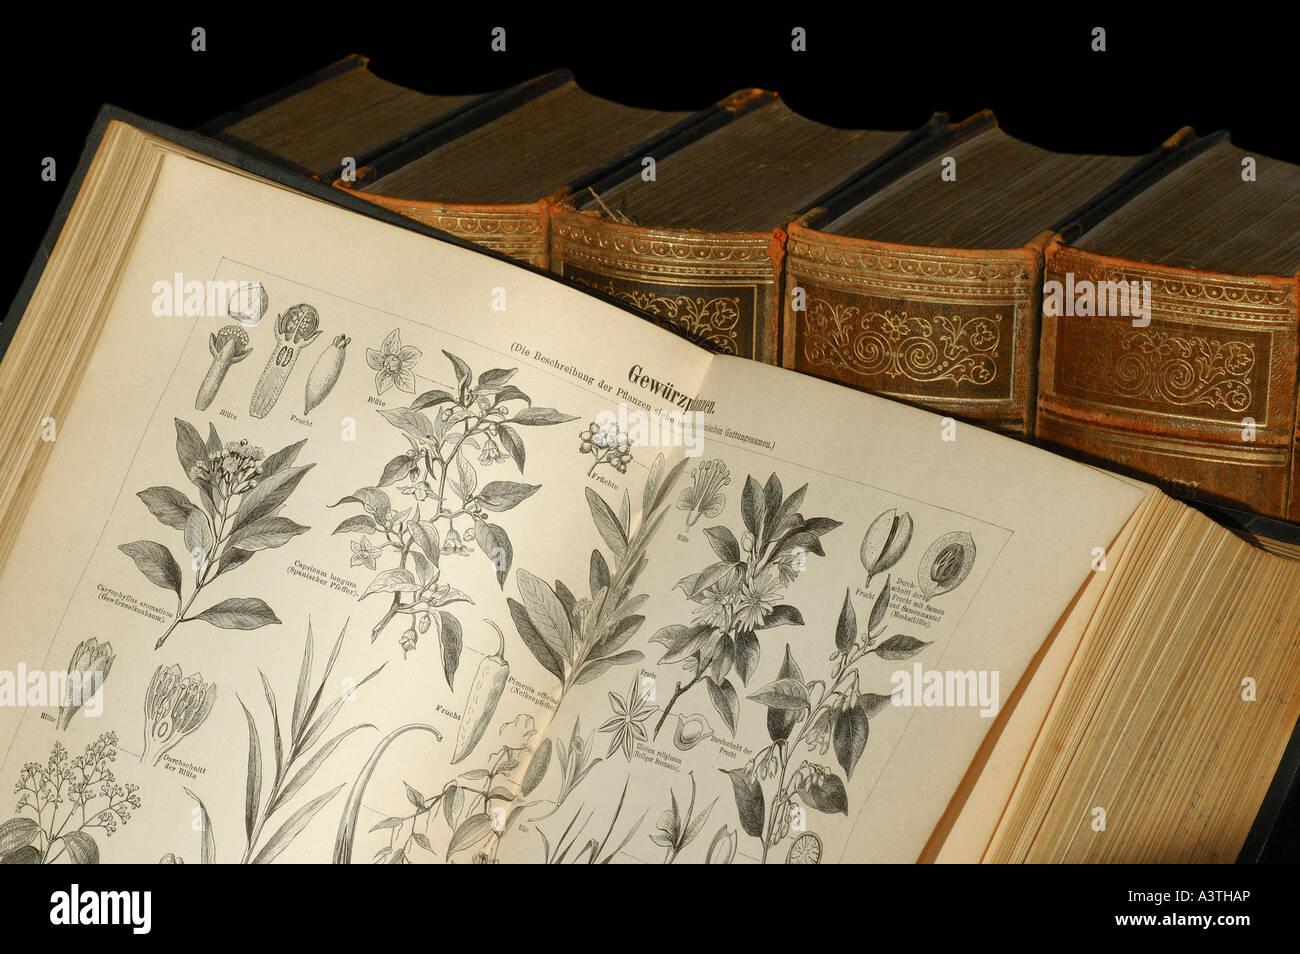 Illustrationen von Gewürzpflanzen in einer alten Enzyklopädie Stockbild